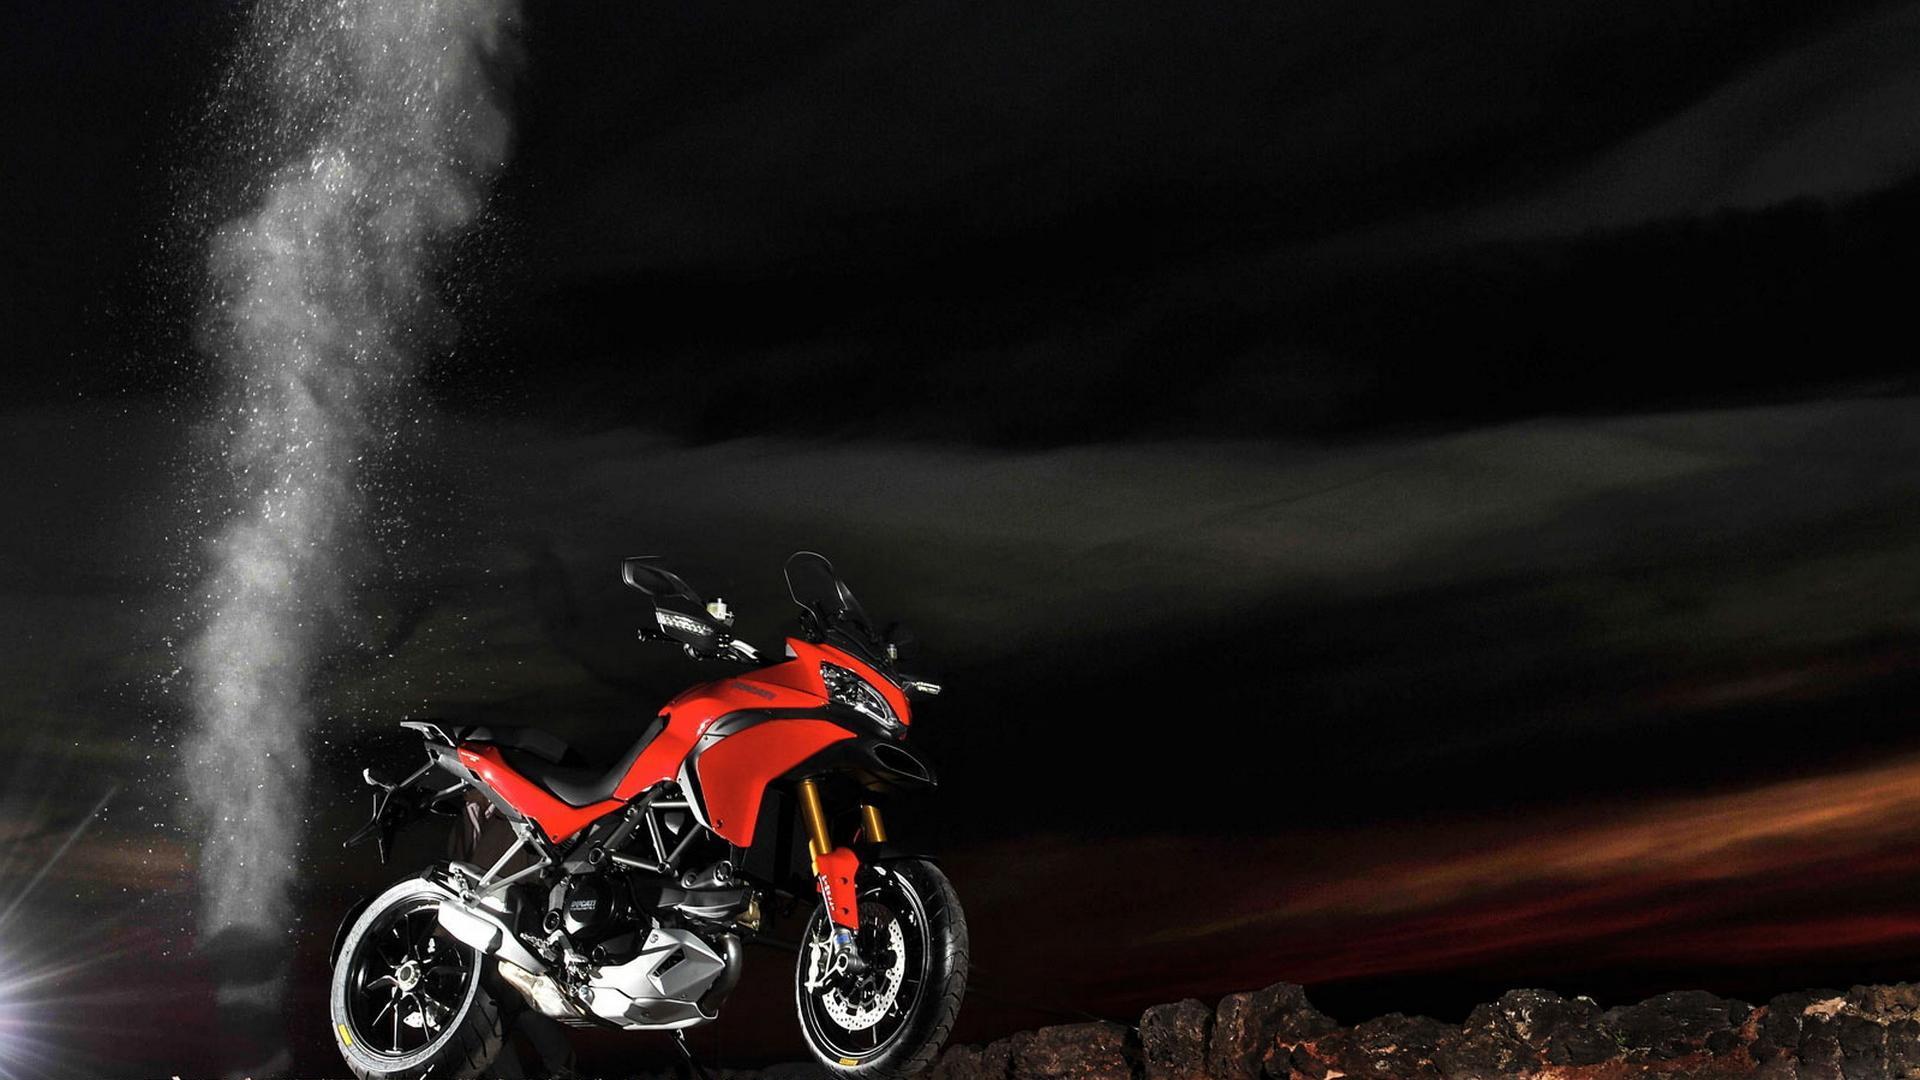 motorcycle background h  Motorcycle Backgrounds Pictures - Wallpaper Cave